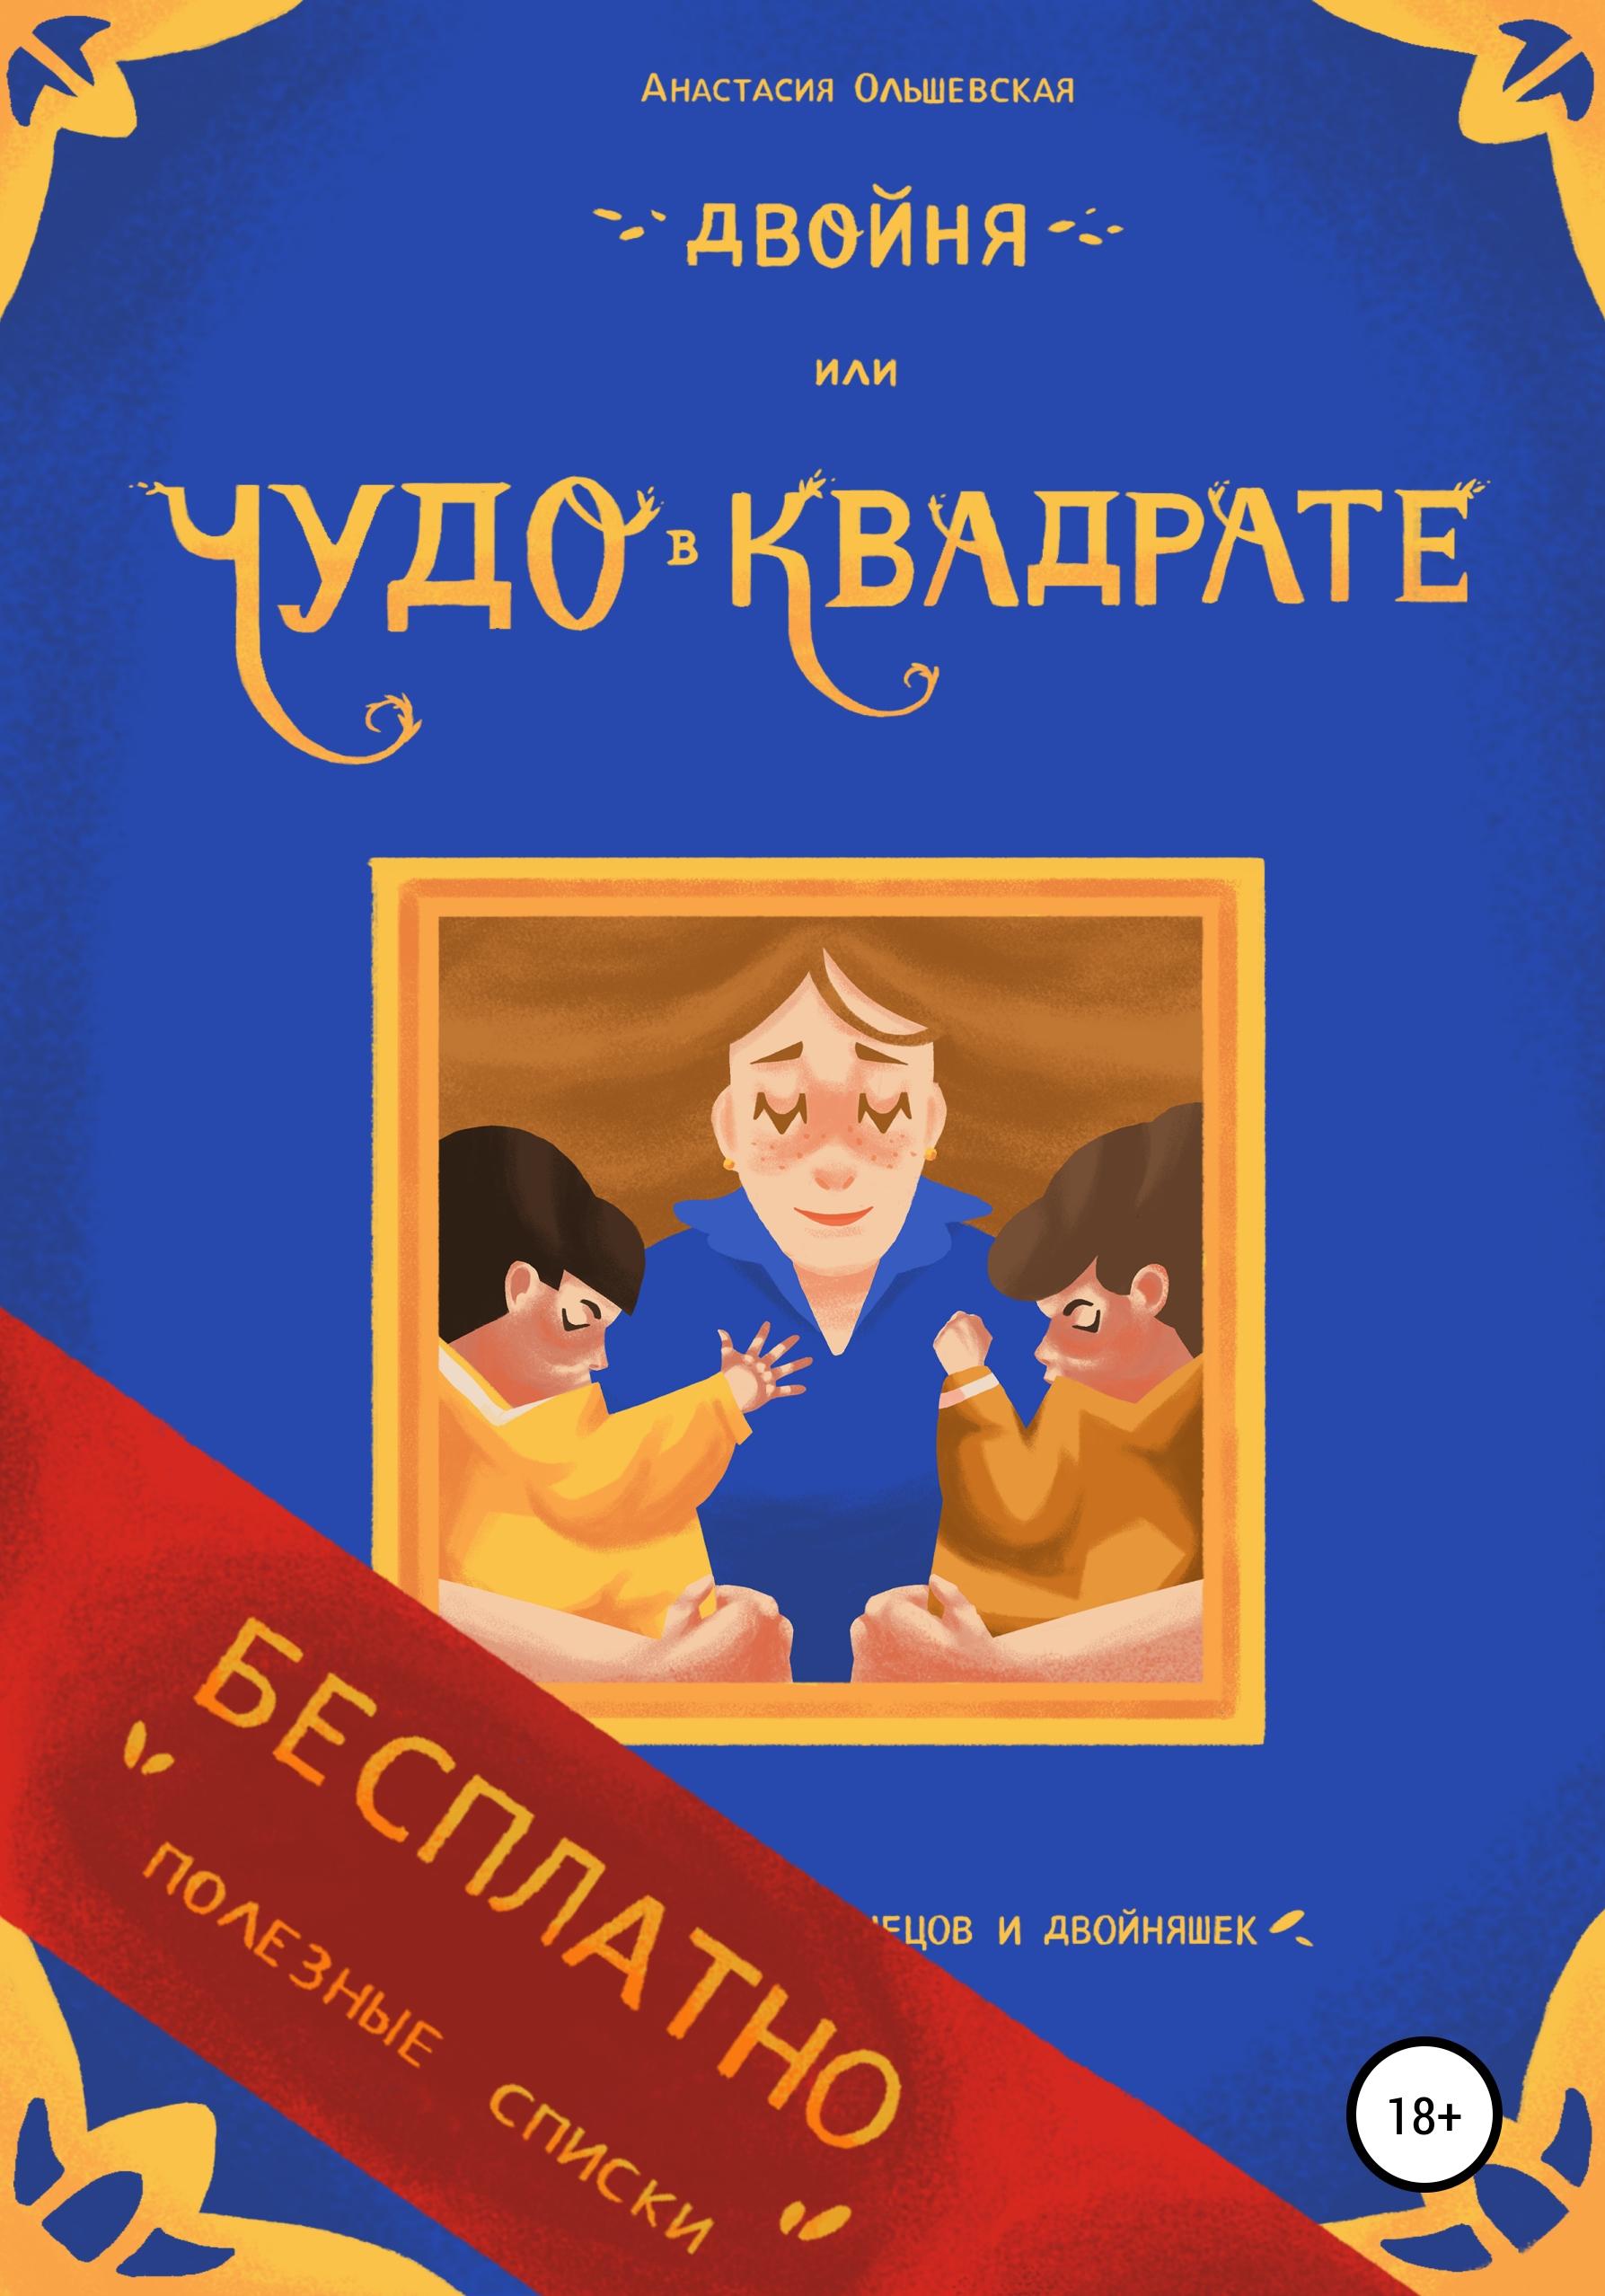 Анастасия Ольшевская Двойня, или Чудо в квадрате. Бесплатно: полезные списки для мам танец 3 класса смотреть бесплатно